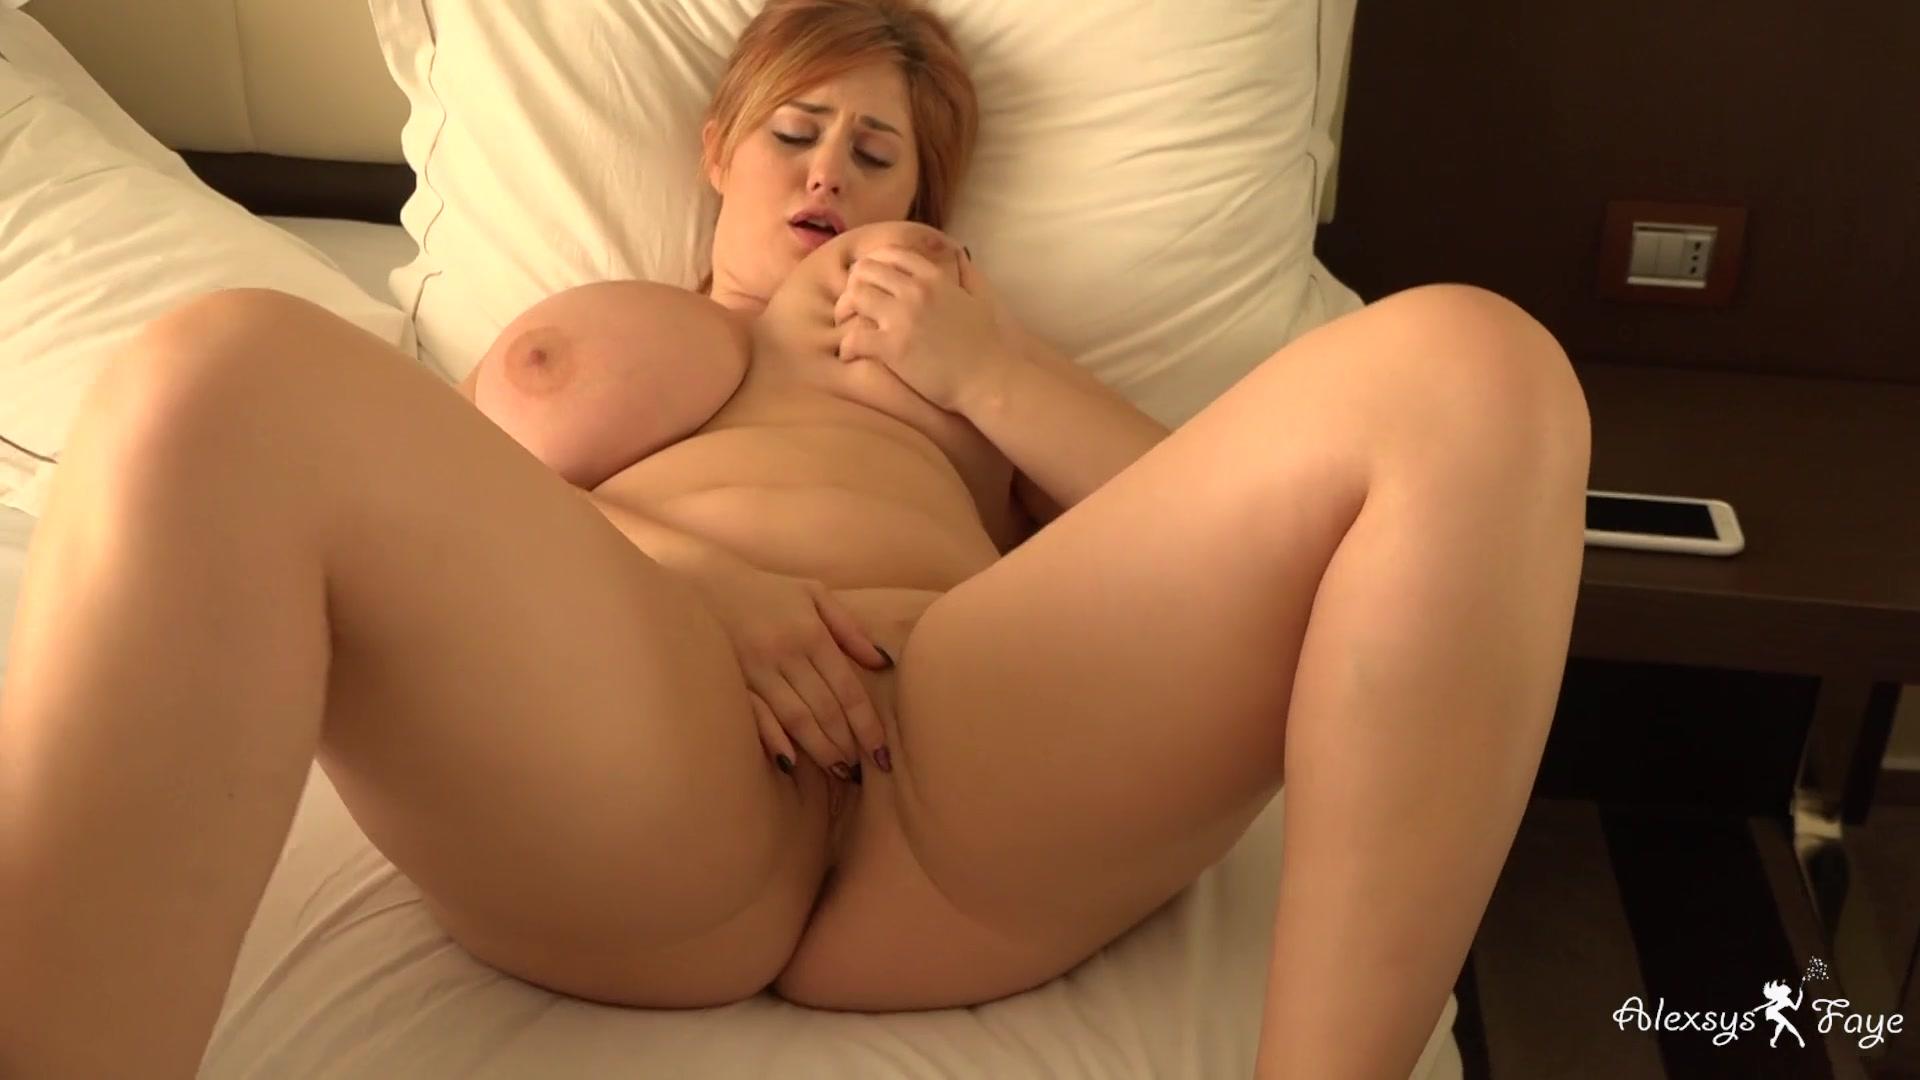 Faye nude alexsis Alexsis Faye